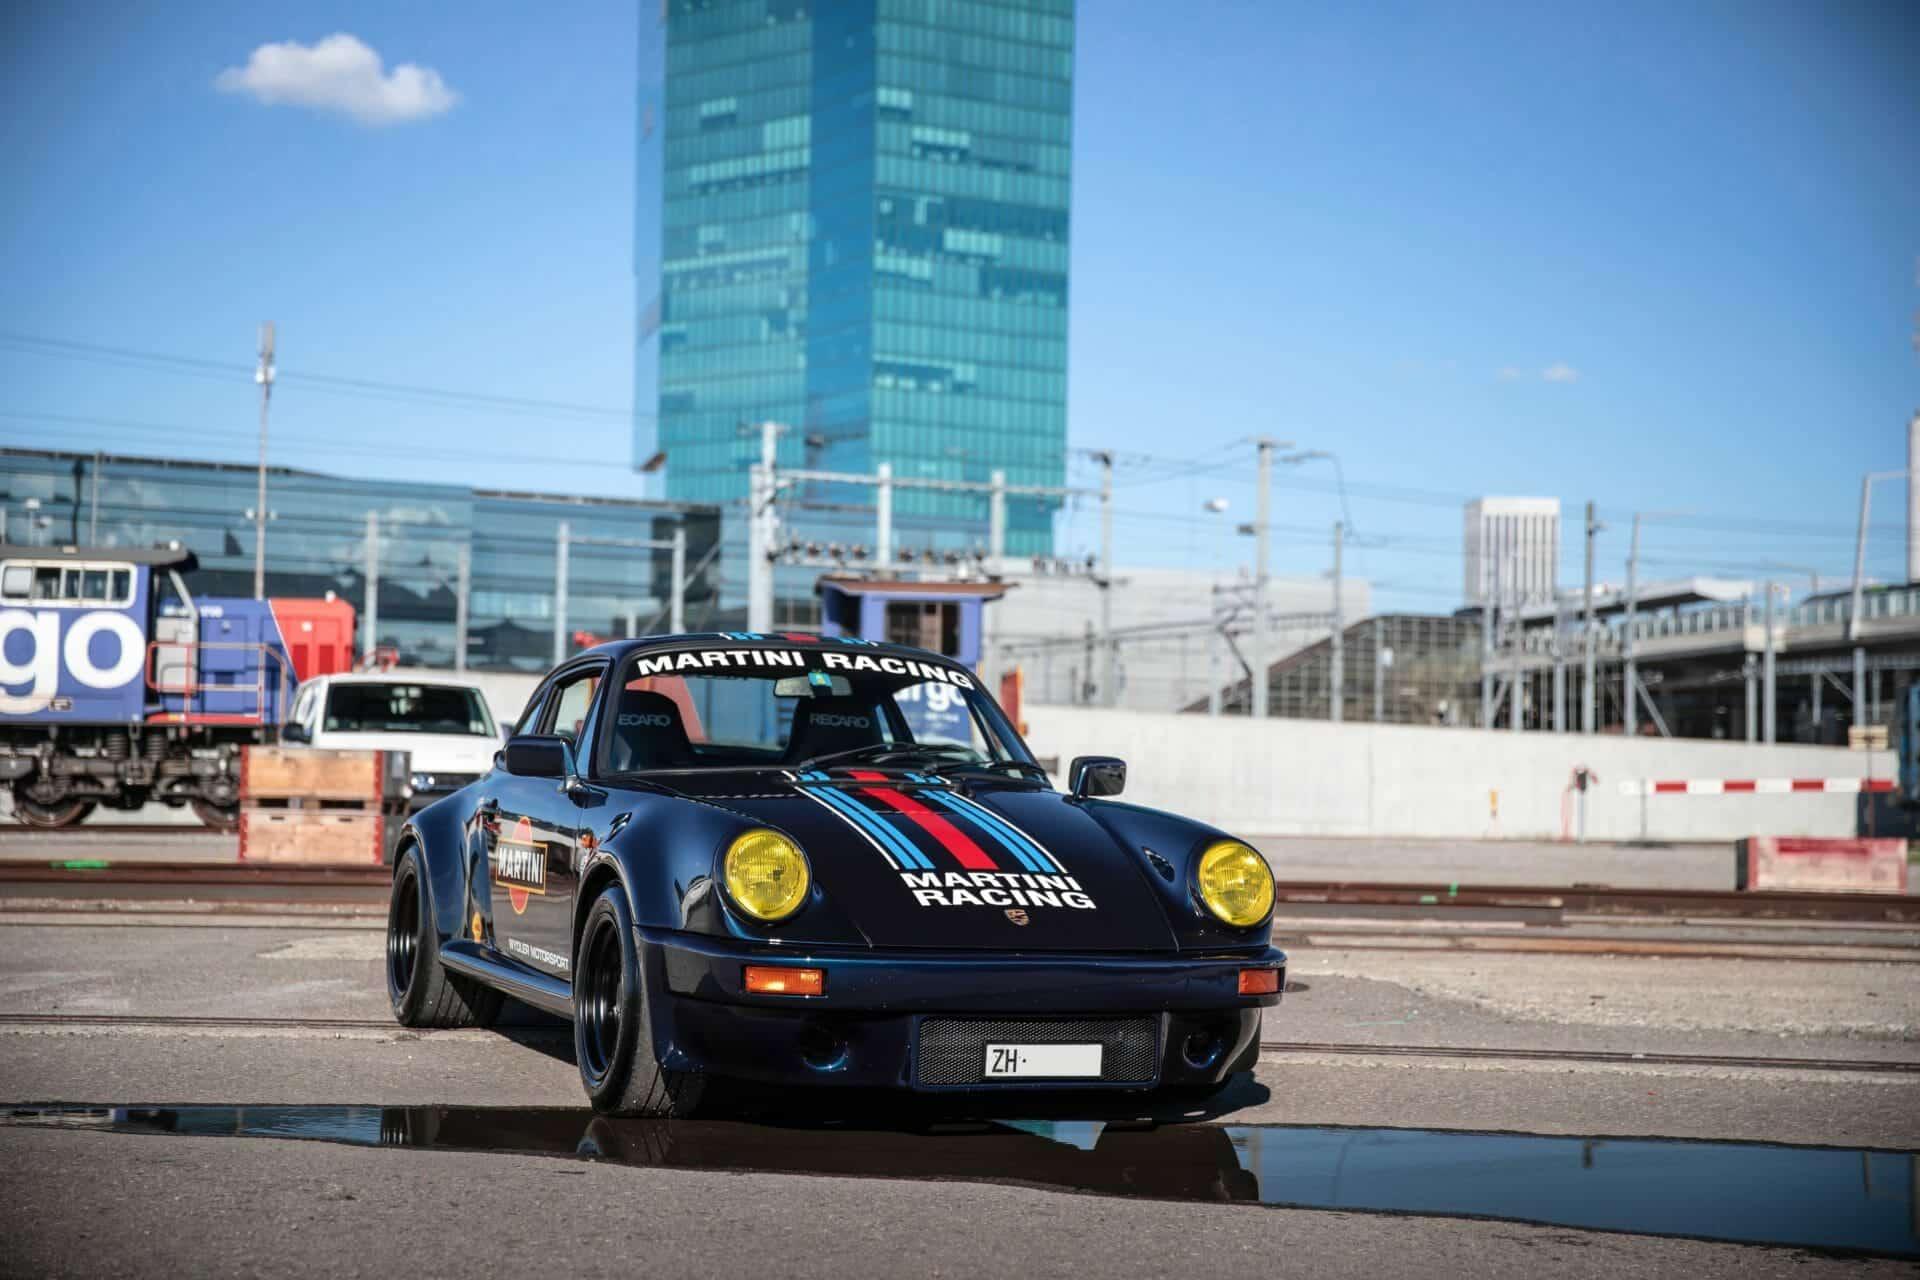 Porsche 911 Martini81 - Picture 12